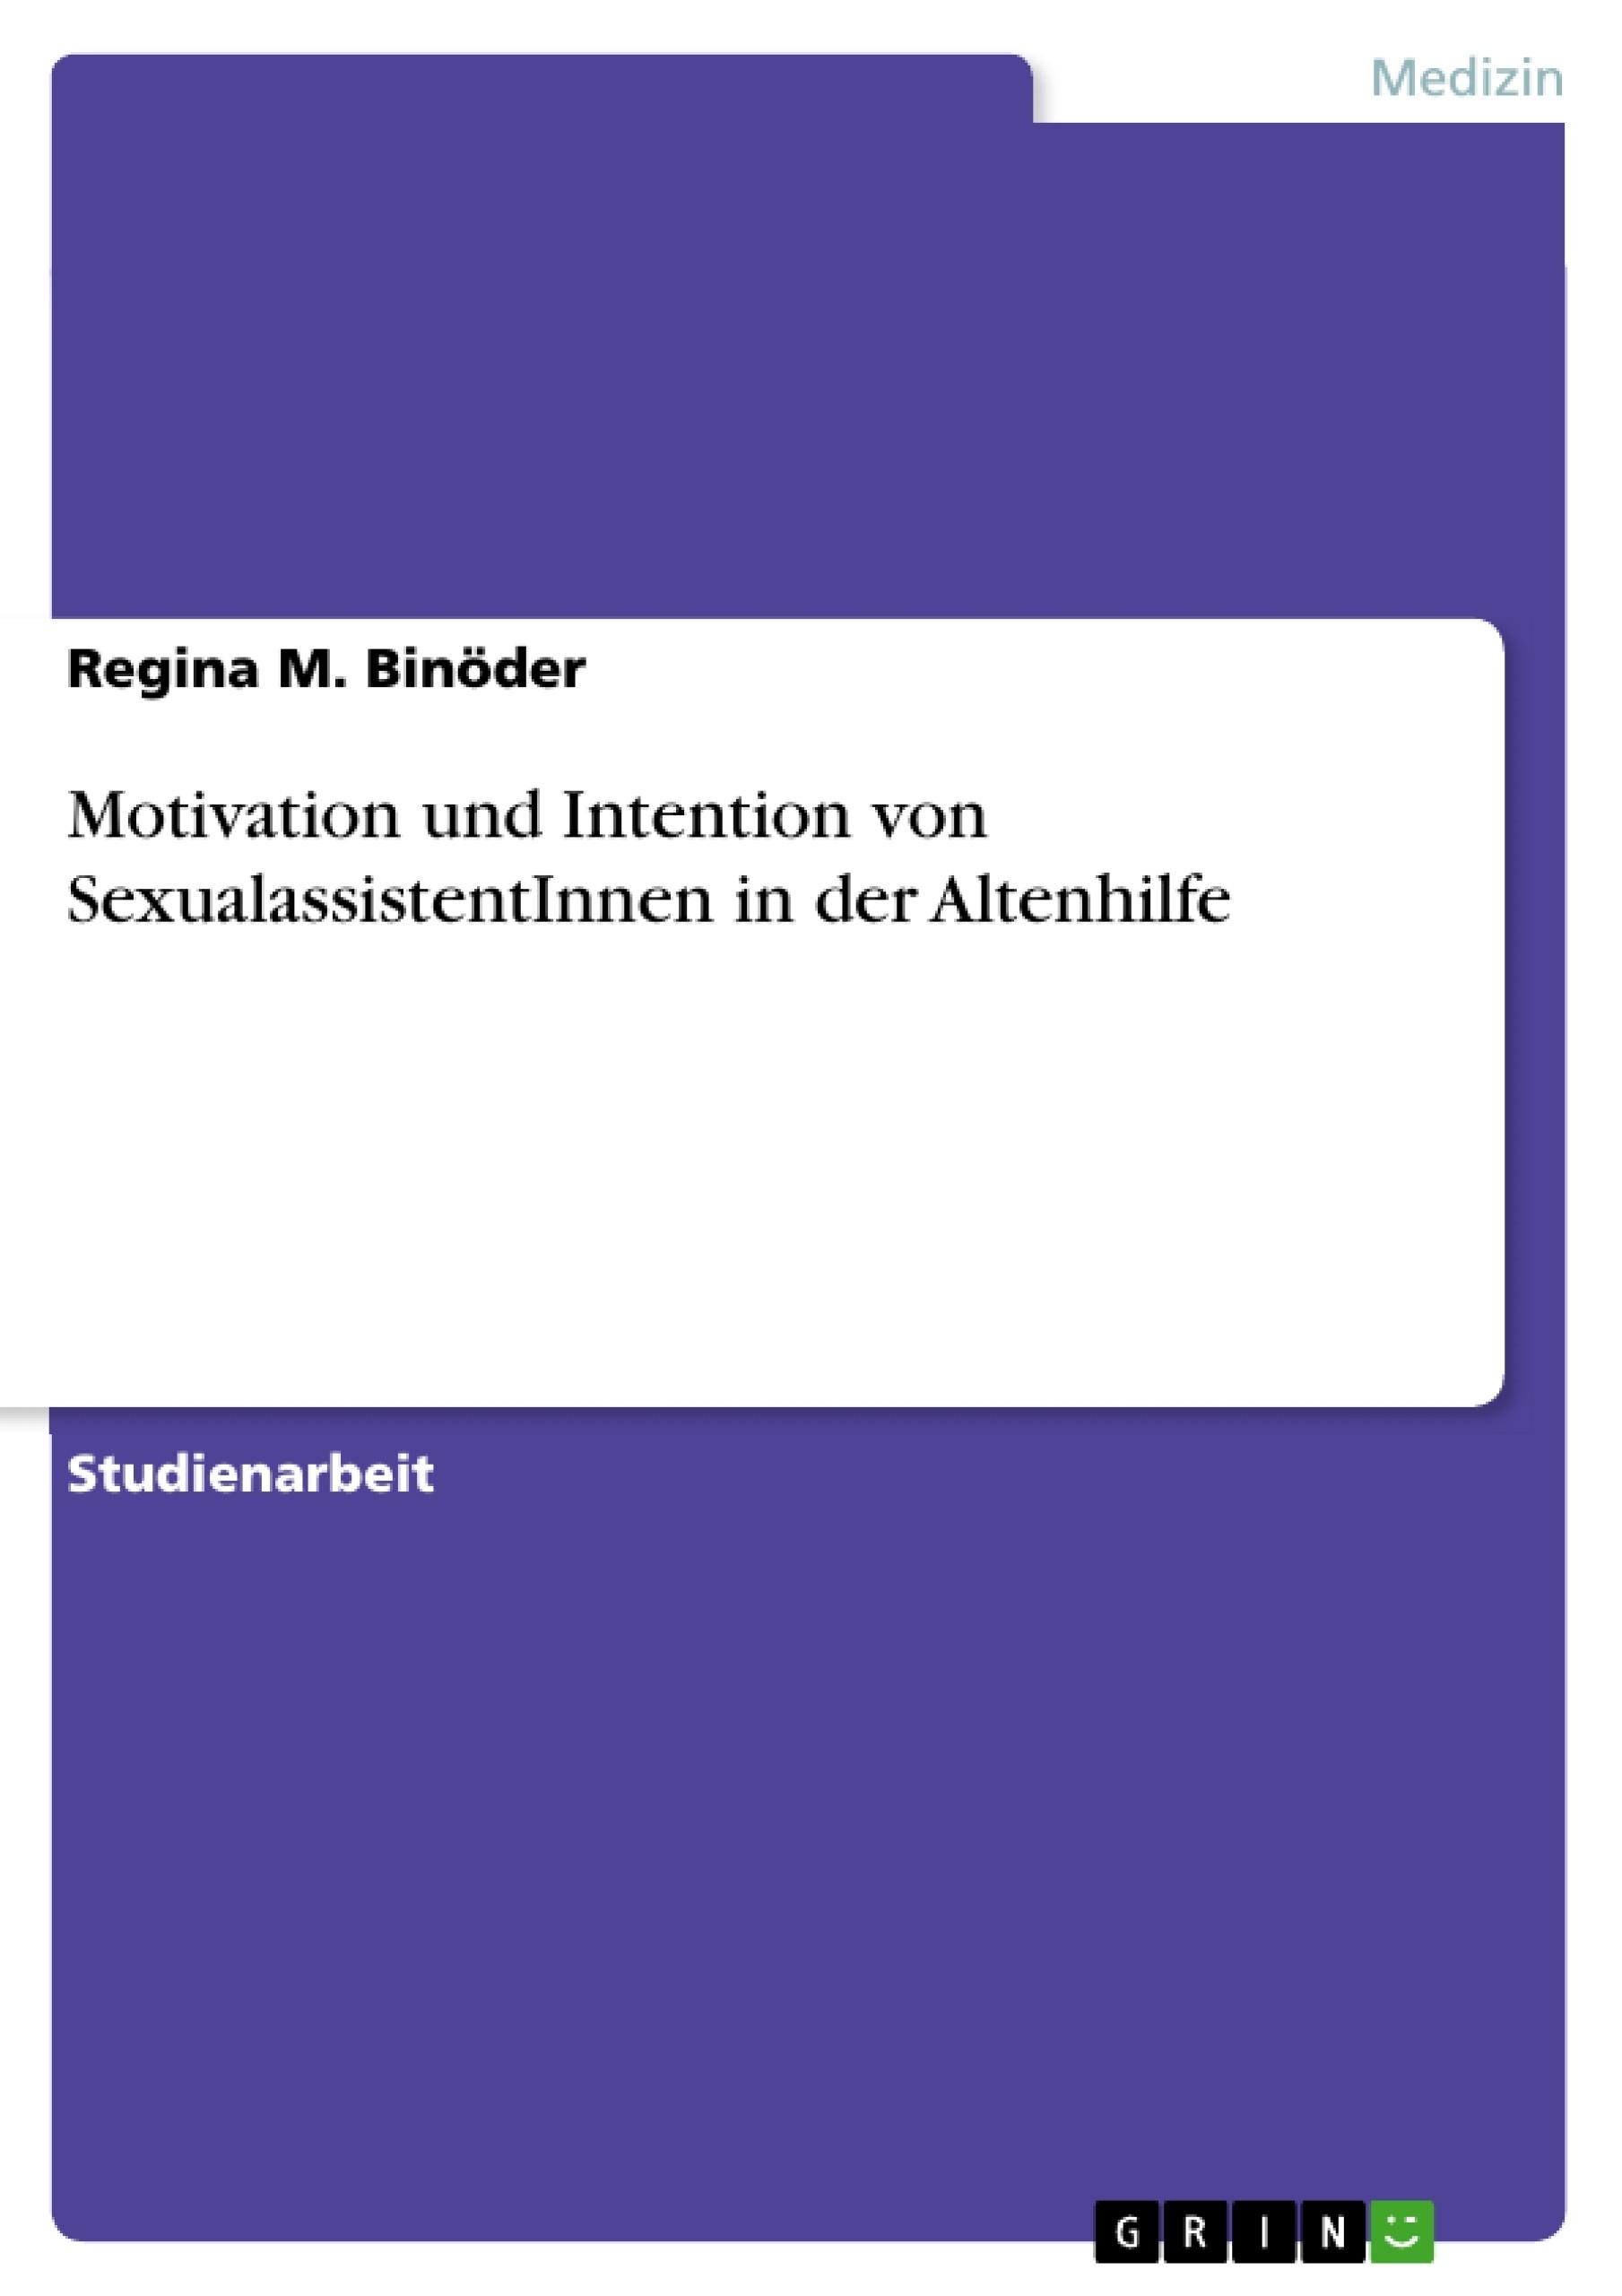 Titel: Motivation und Intention von SexualassistentInnen in der Altenhilfe